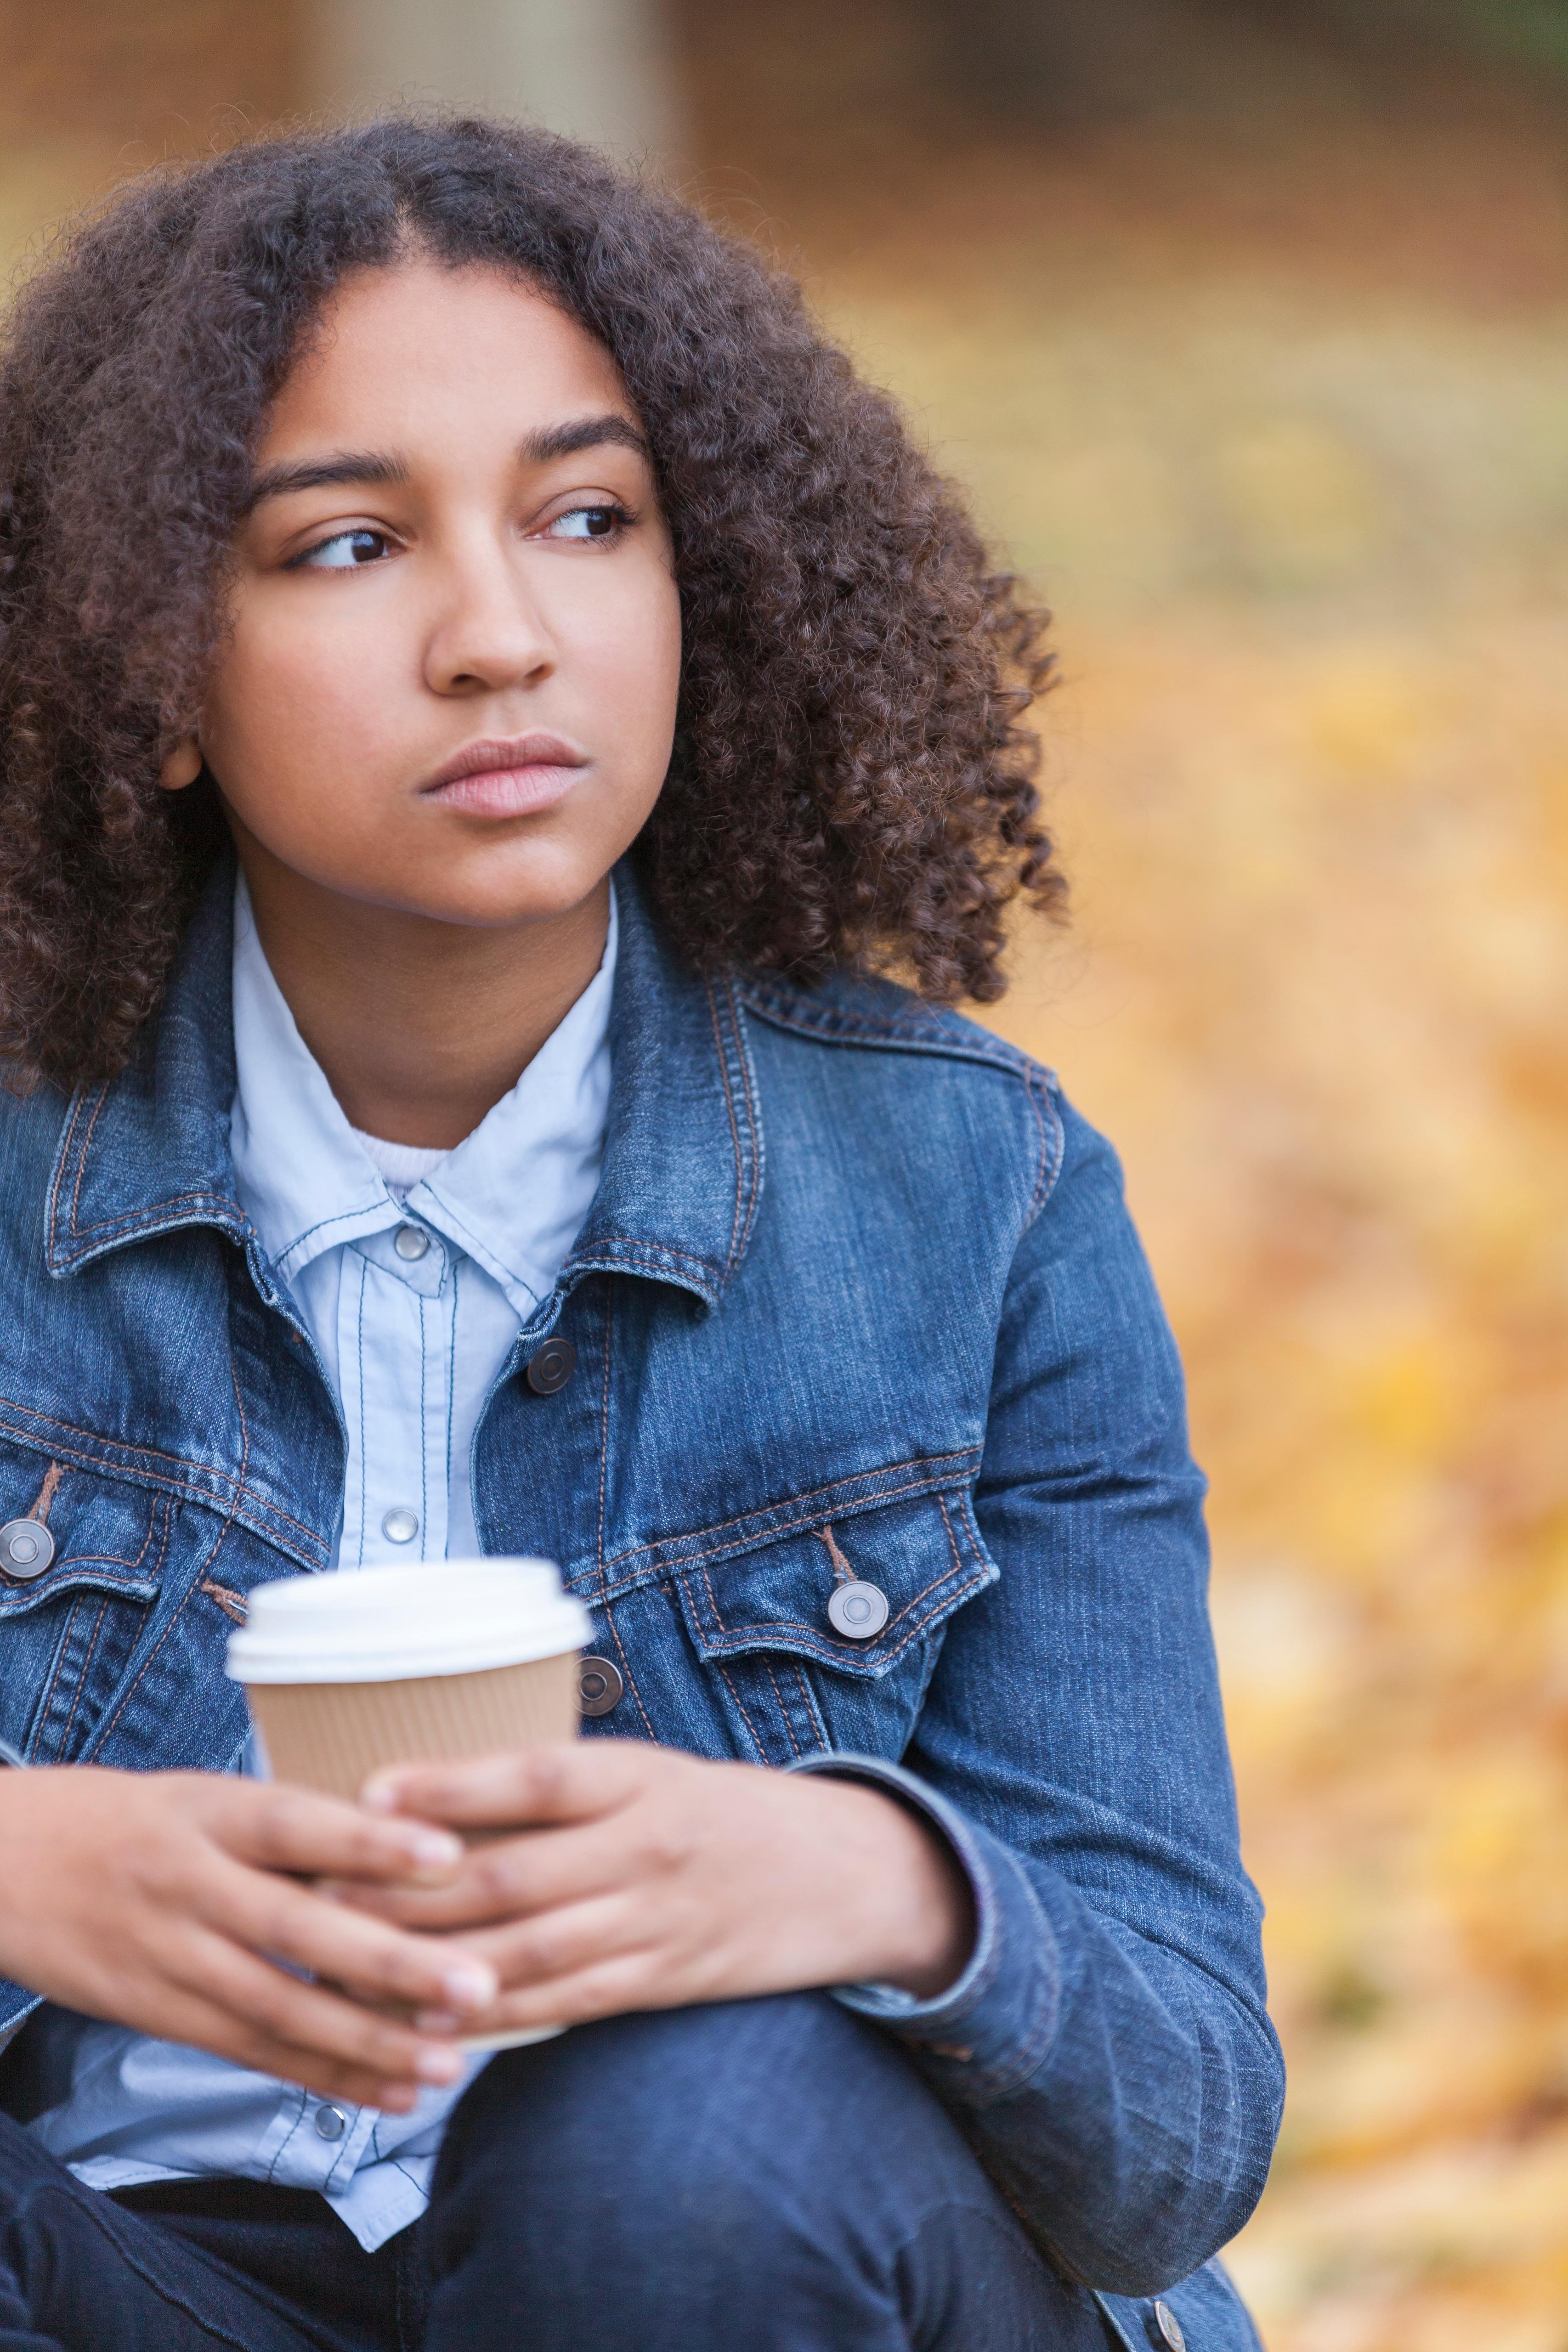 Comment savoir si votre jeune a une prédisposition au suicide?